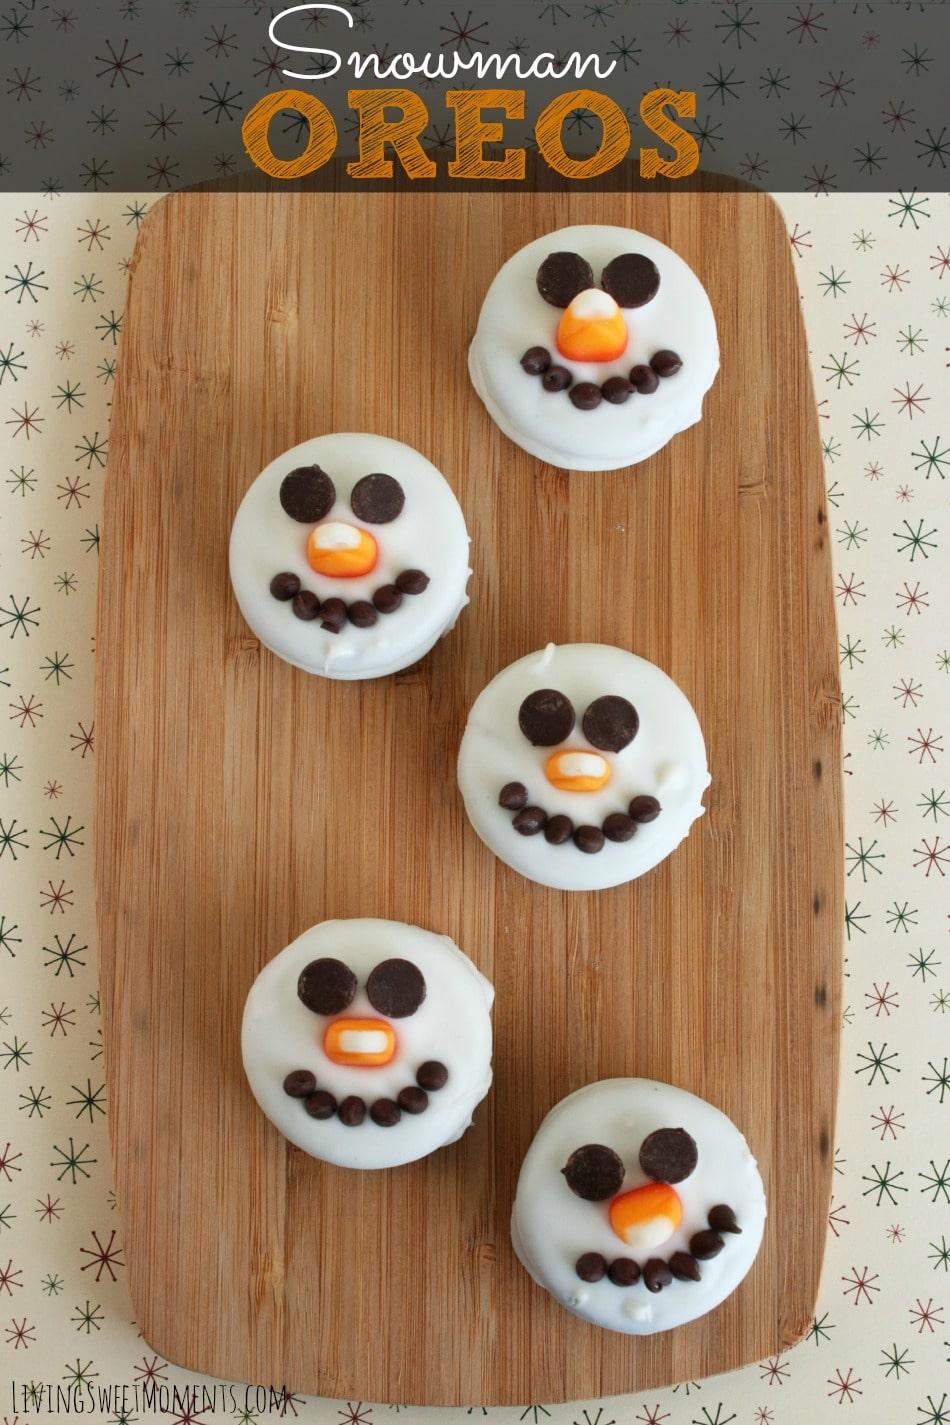 snowman-oreos-cover